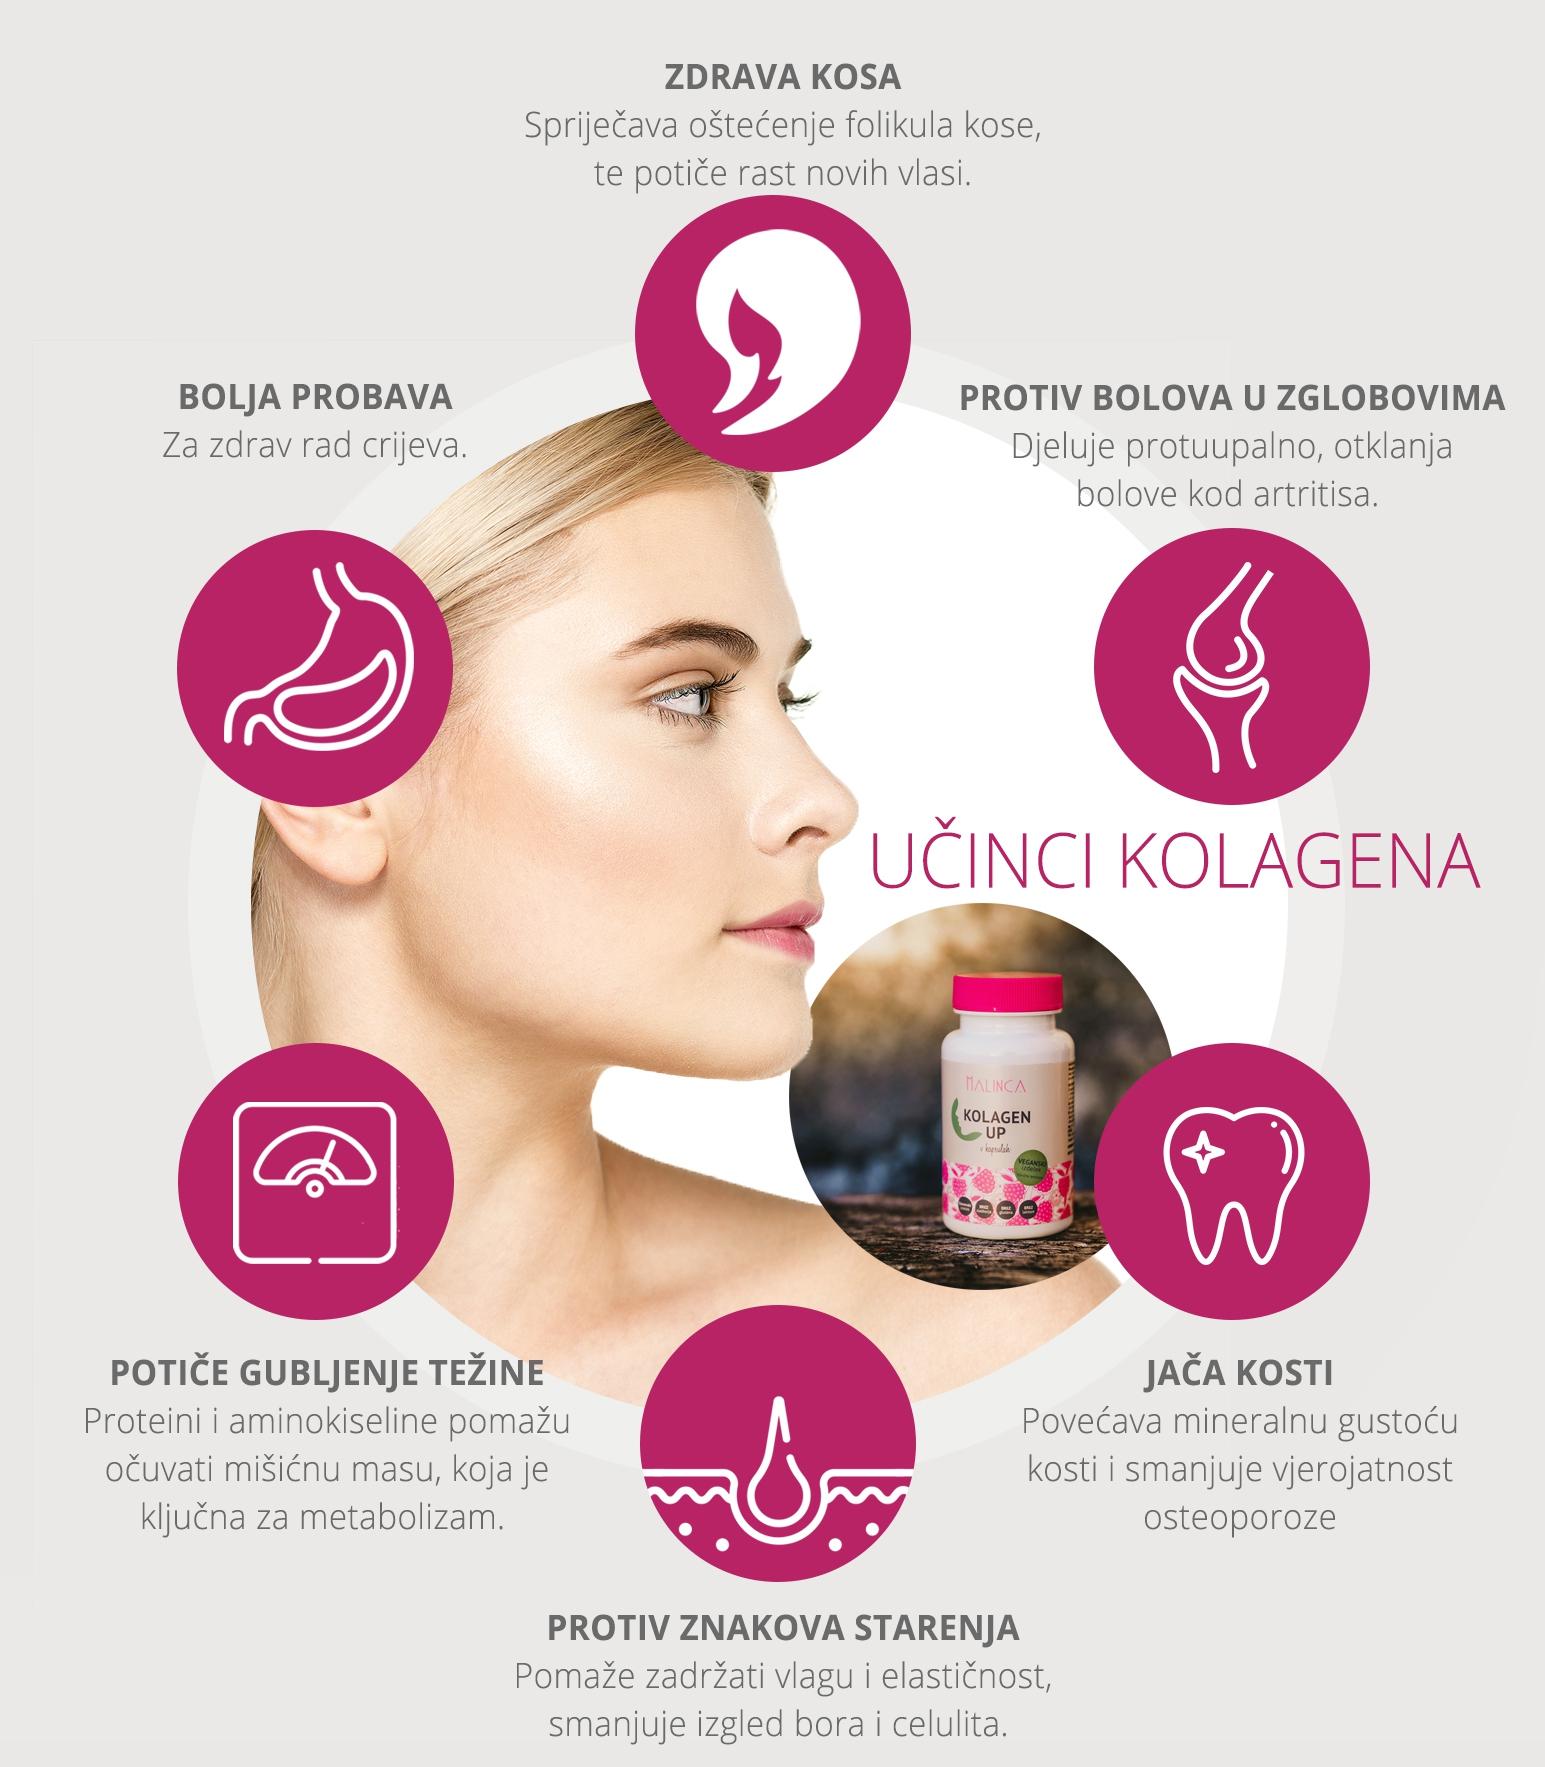 Učinci kolagena